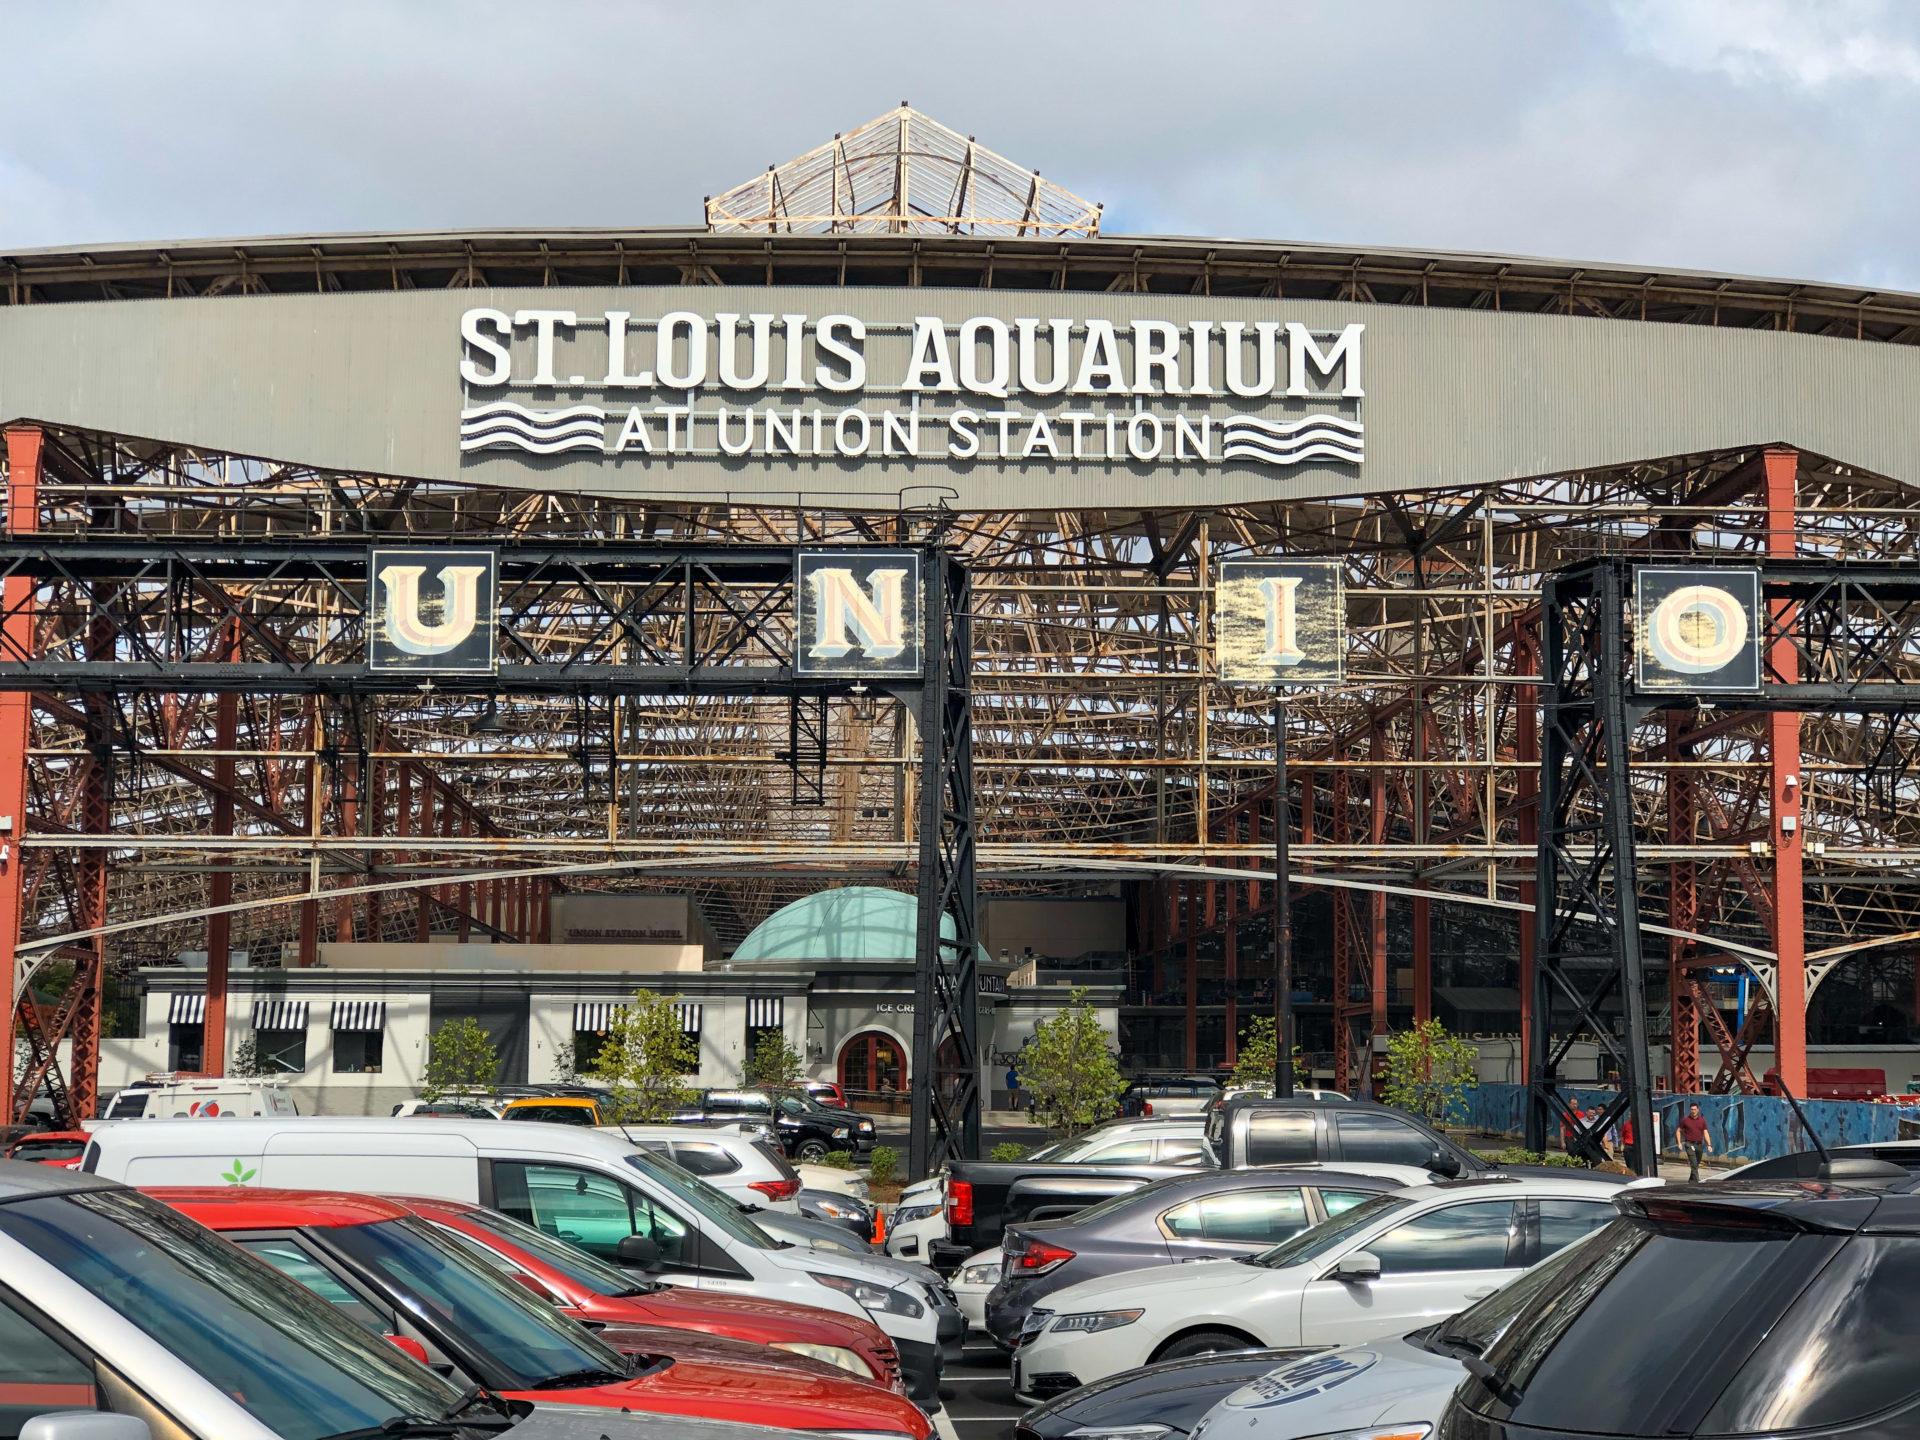 Neueste Attraktion am Union Station in St. Louis ist das Aquarium